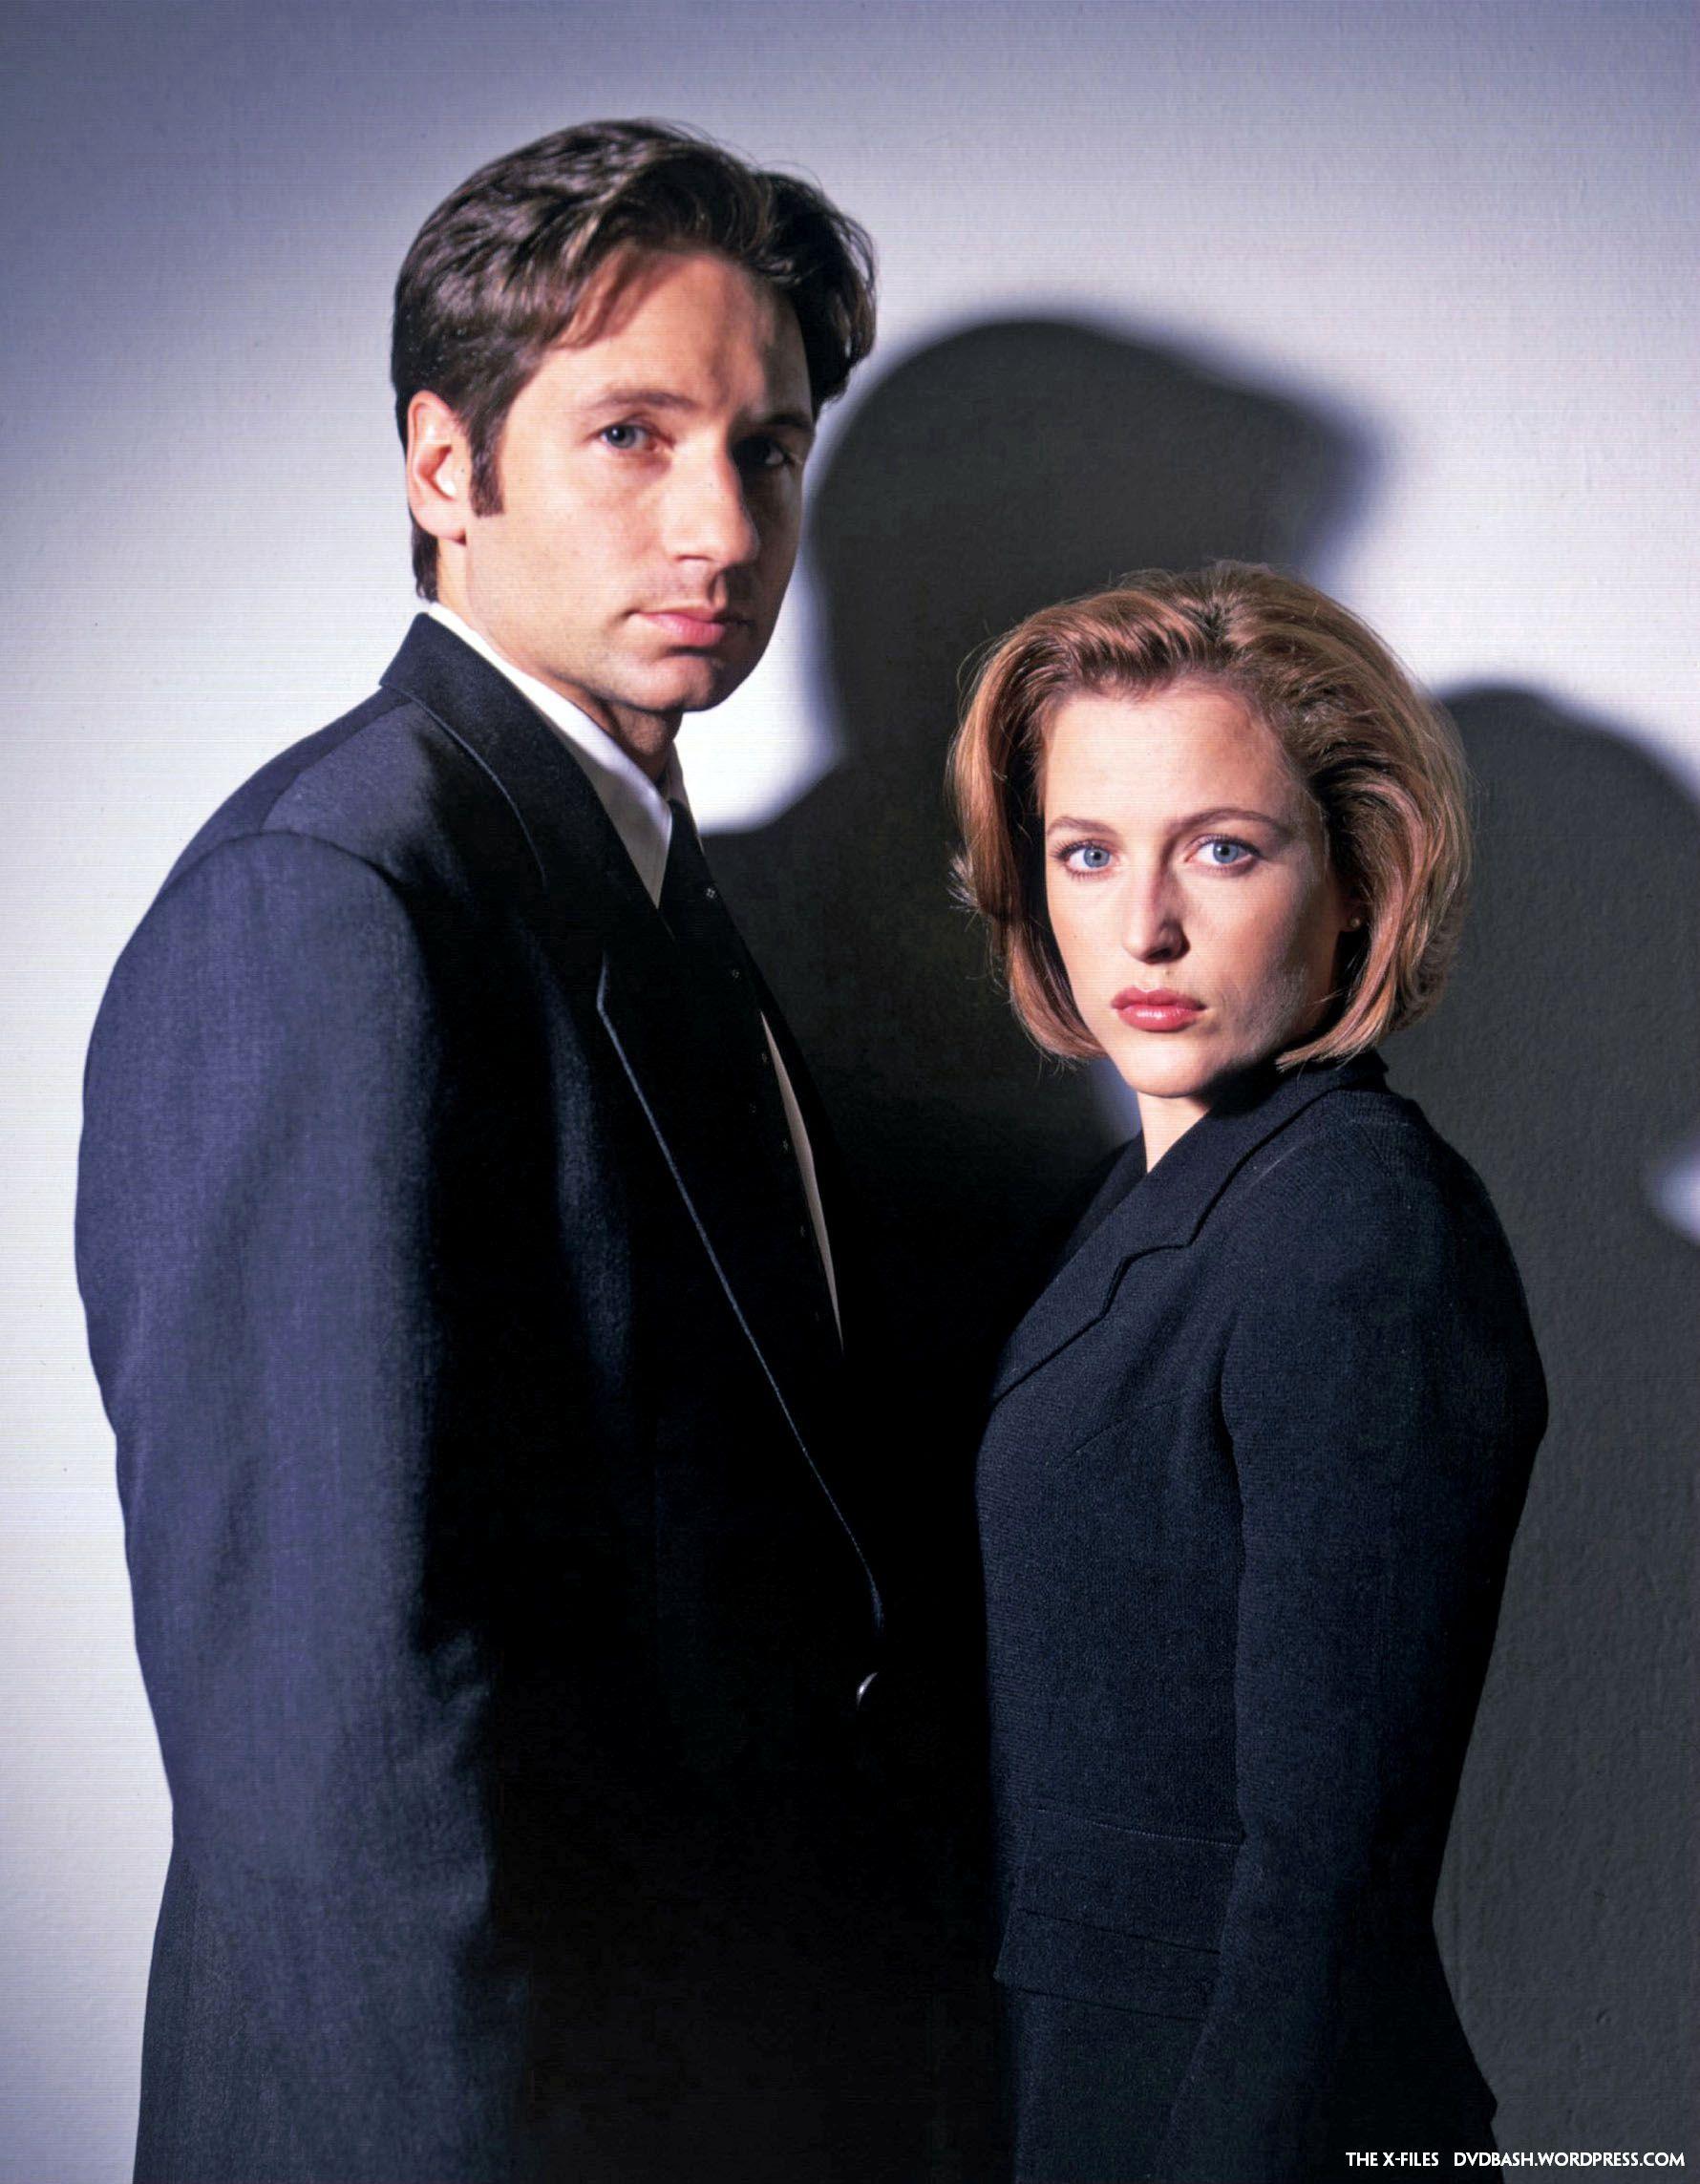 Le miglior serie tv: X Files